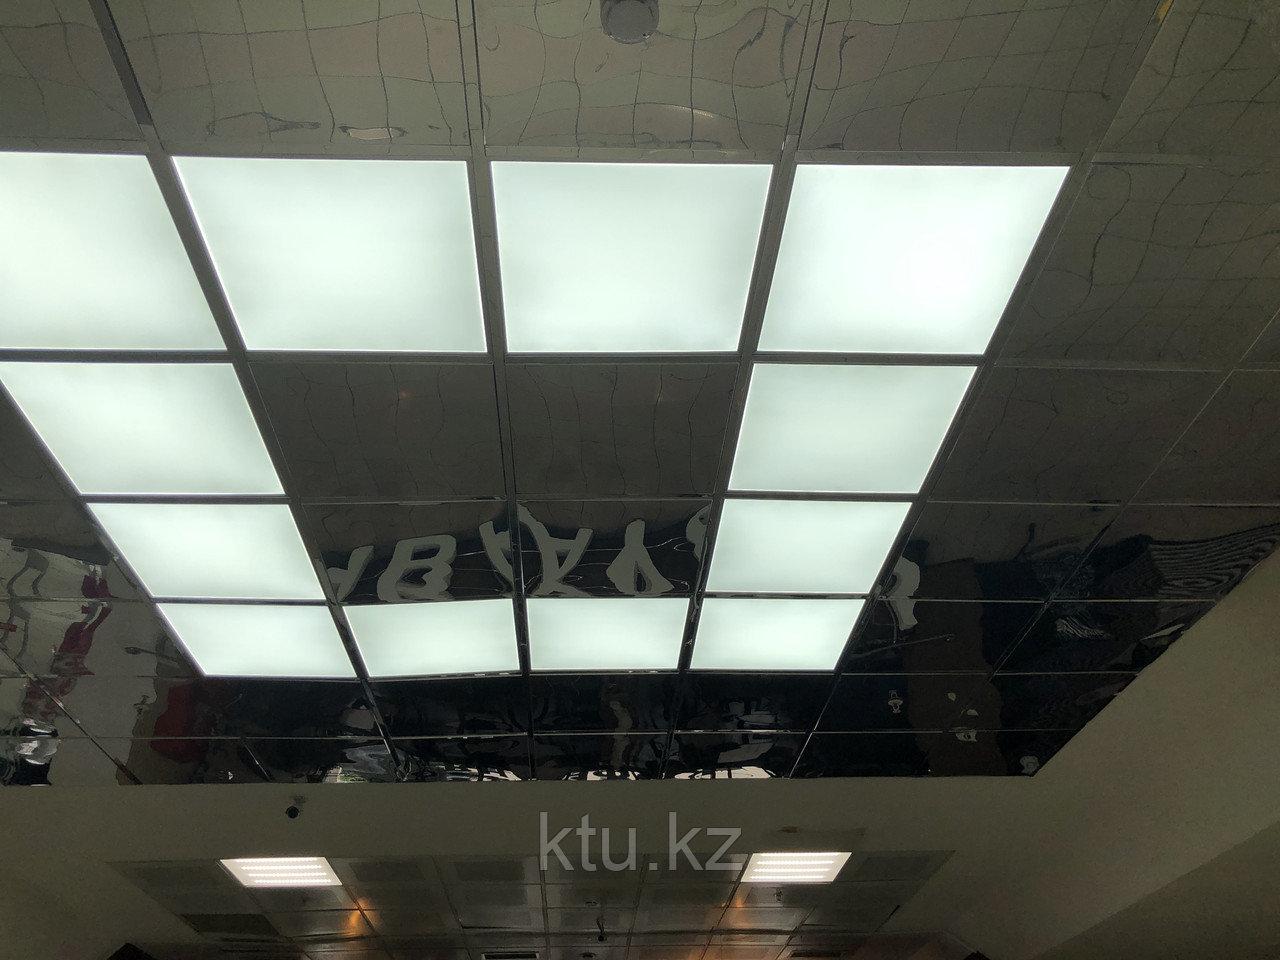 Подвесной потолок армстронг с комплектующими - фото 8